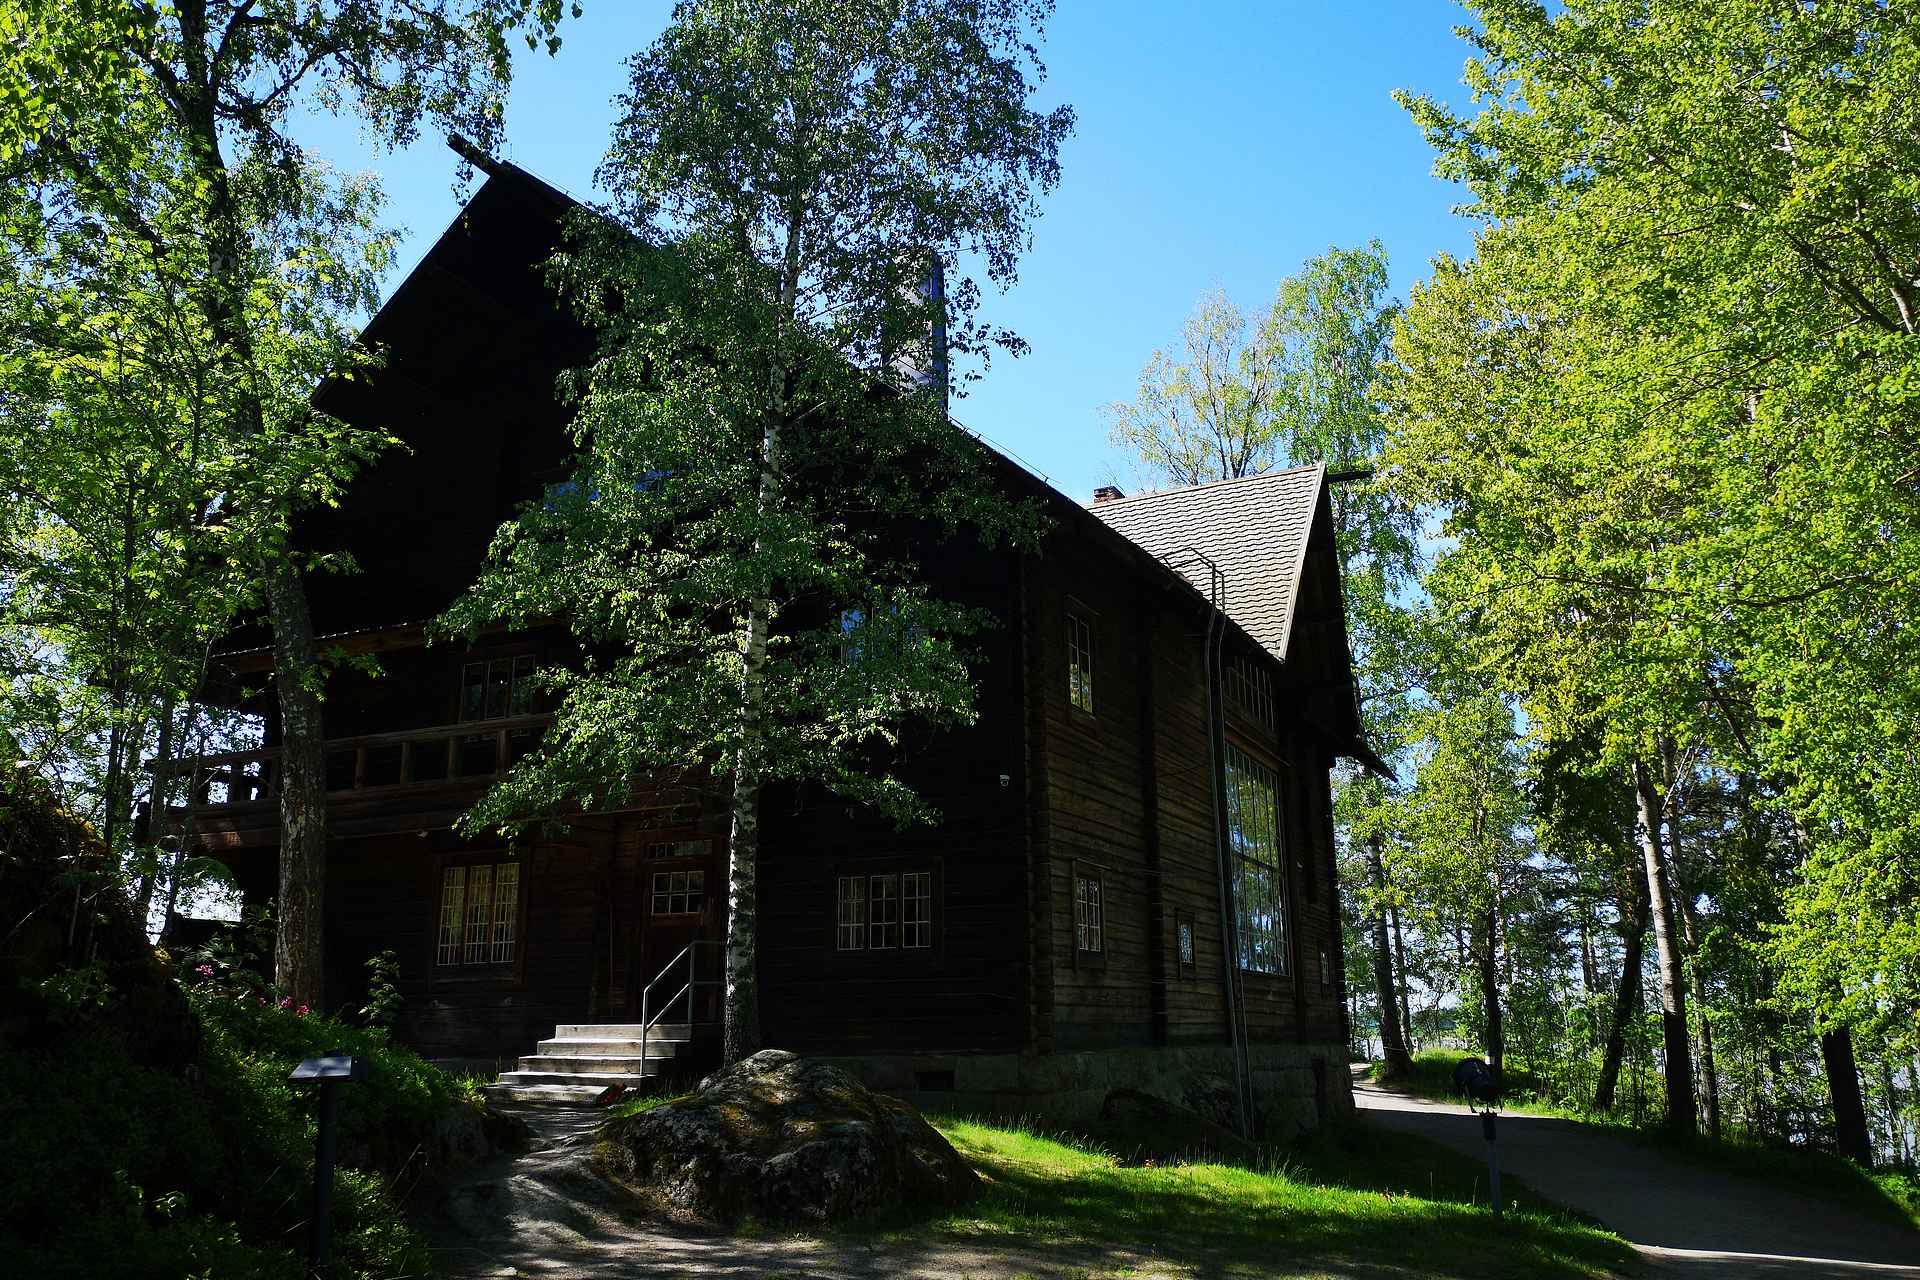 Halosenniemi oli Pekka Halosen perheen taiteilijakoti Tuusulanjärven paraatipaikalla.